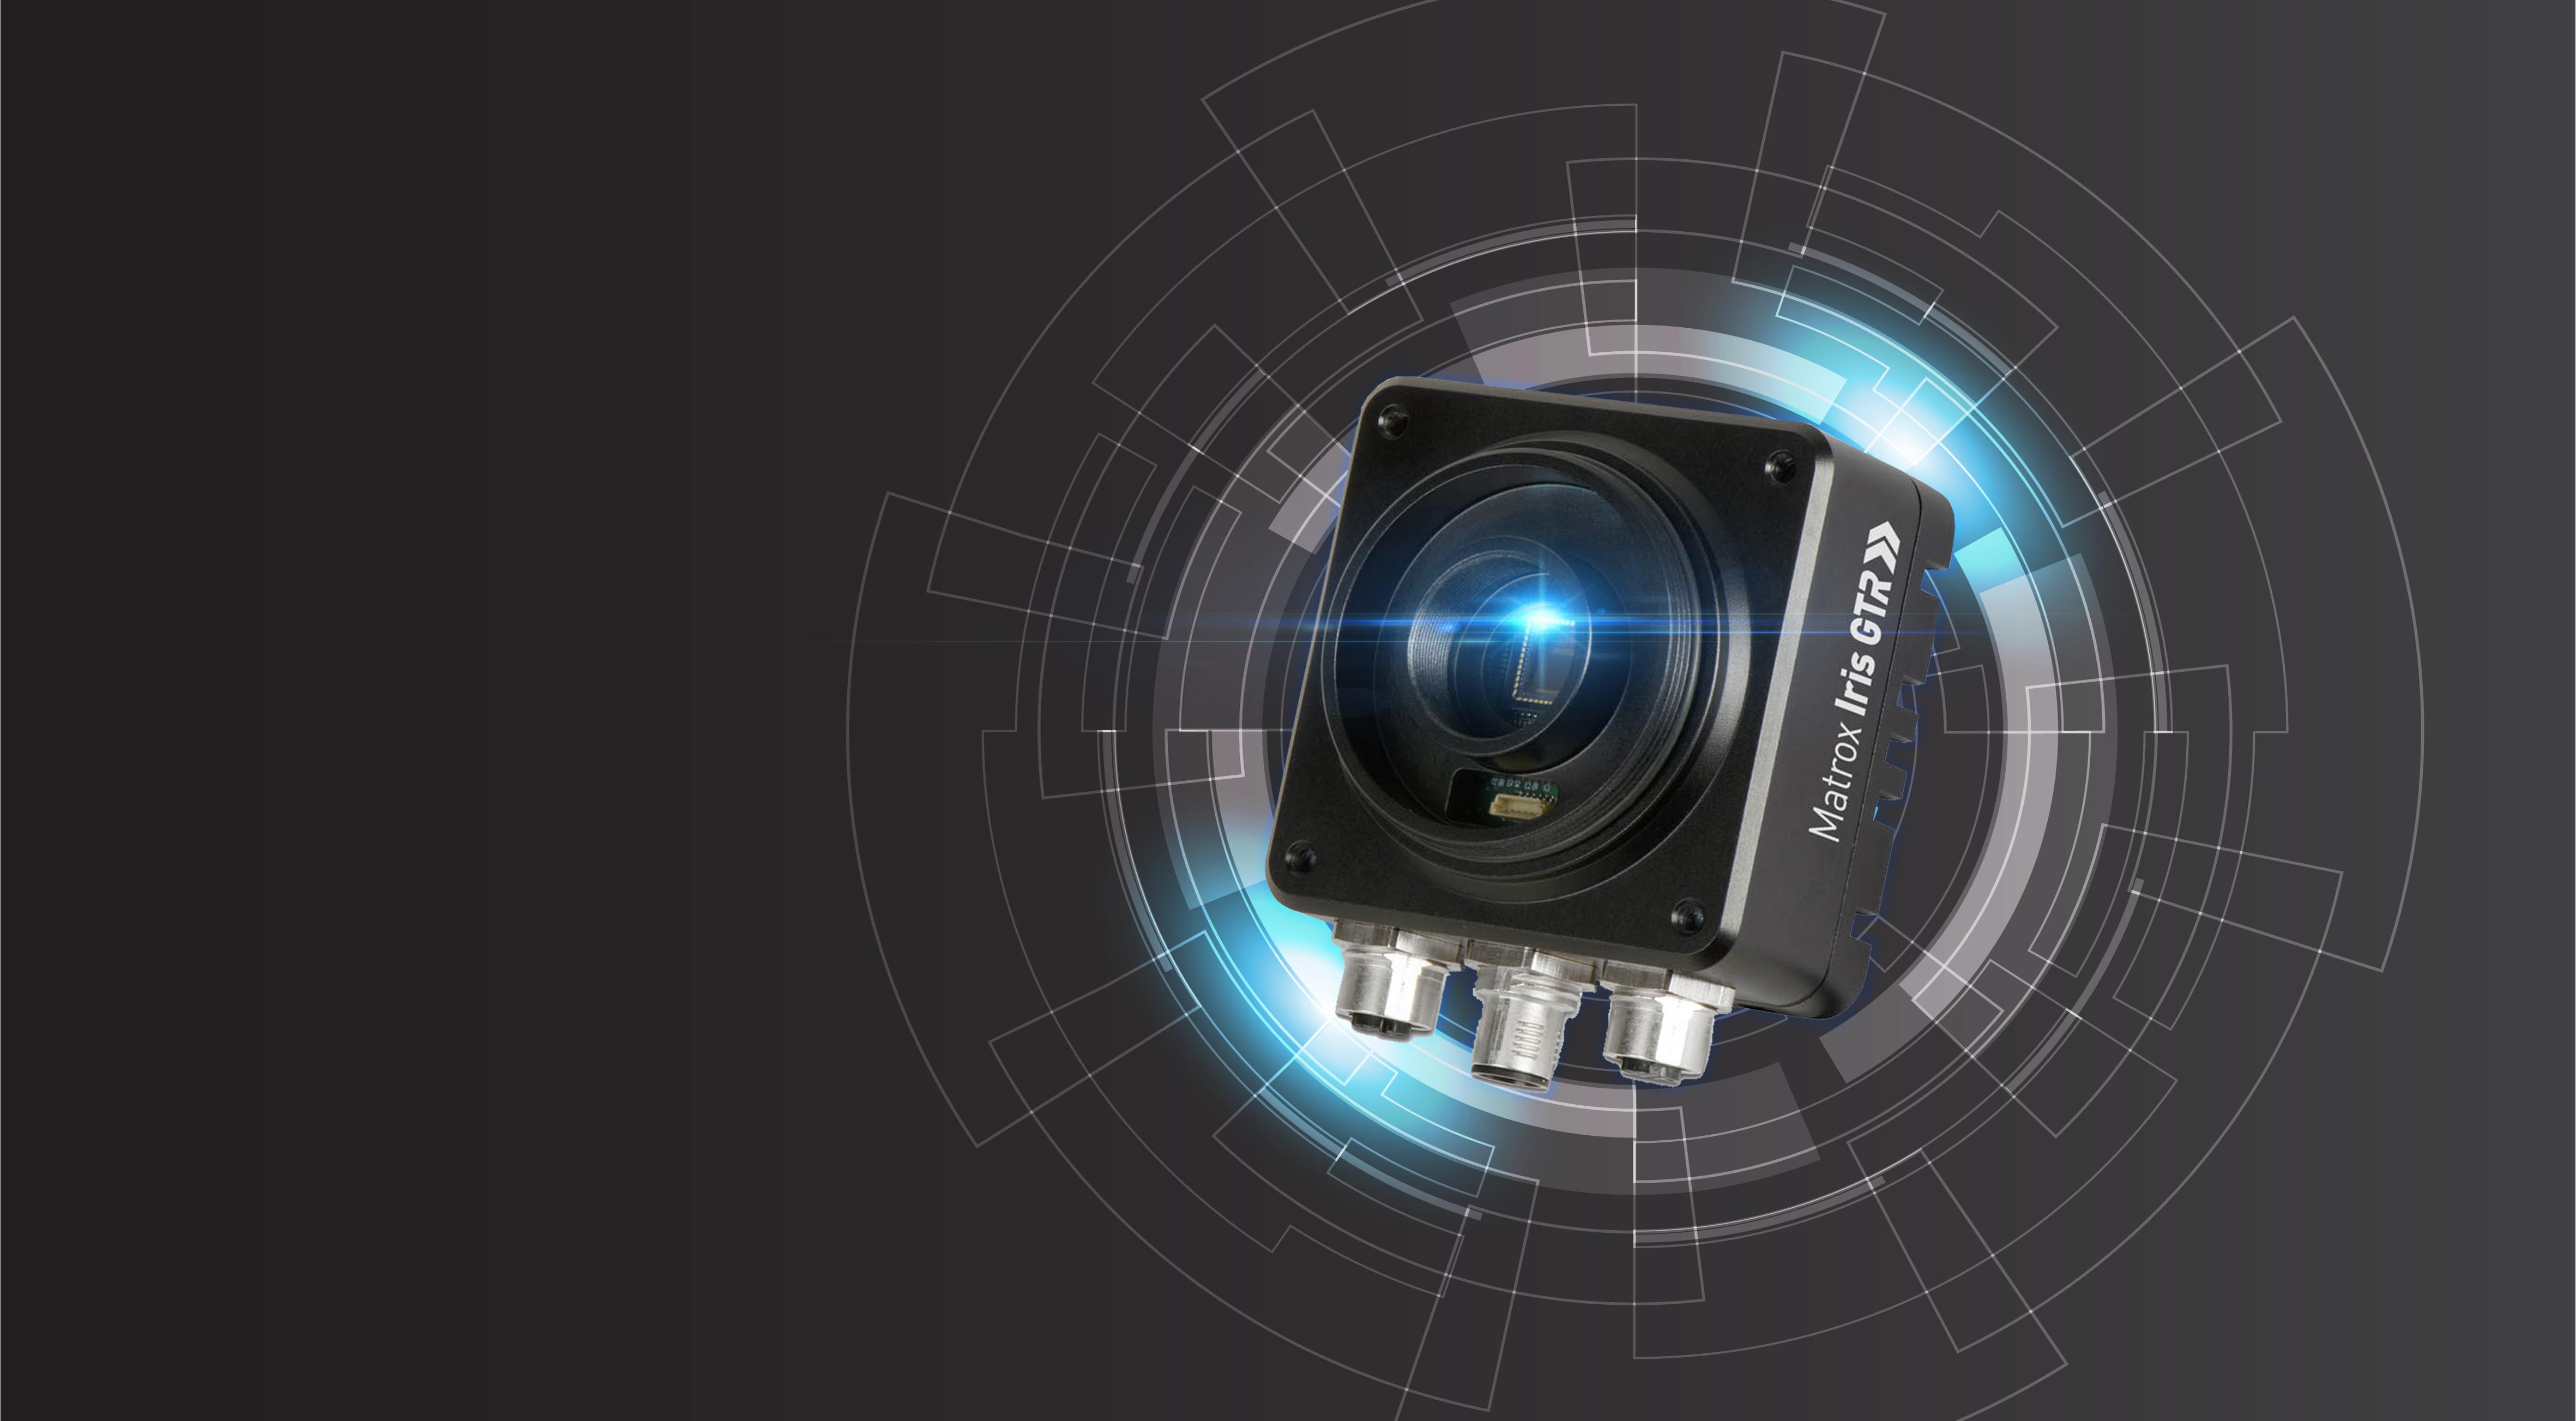 máy ảnh công nghiệp